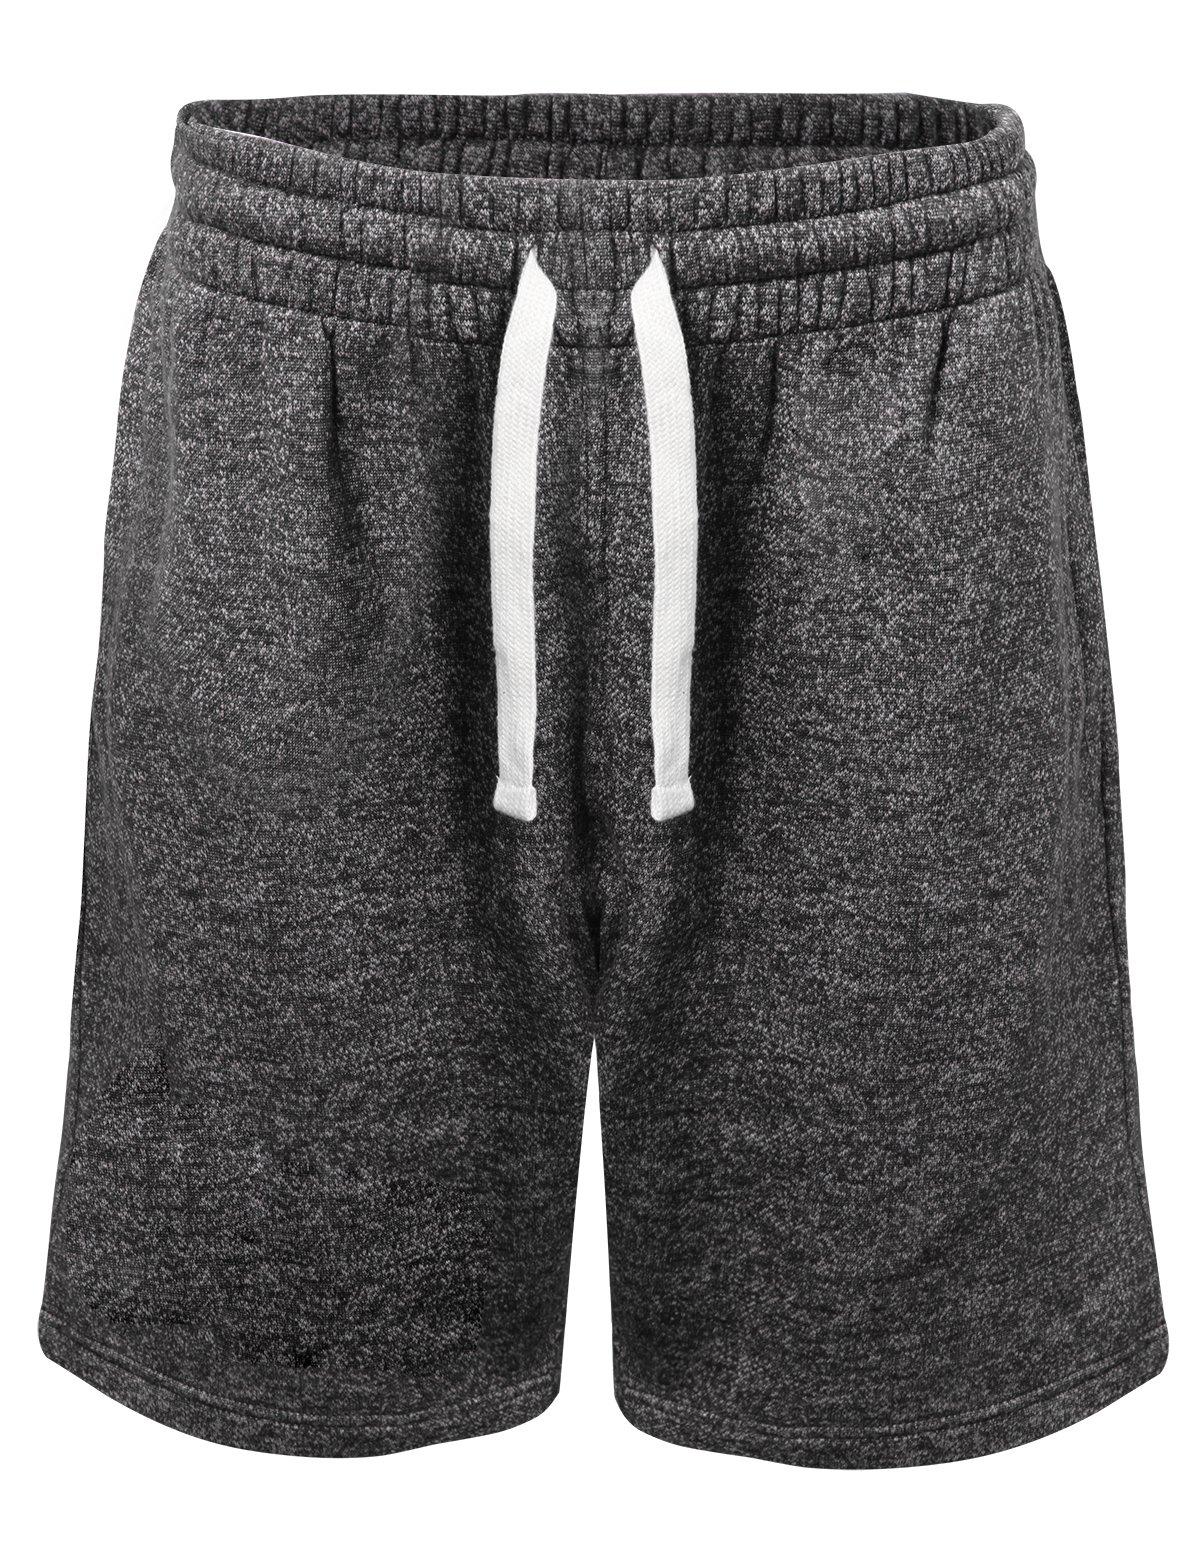 ProGo Men's Casual Basic Fleece Marled Shorts Pants with Elastic Waist (Marled Black, XXX-Large) by PROGO USA